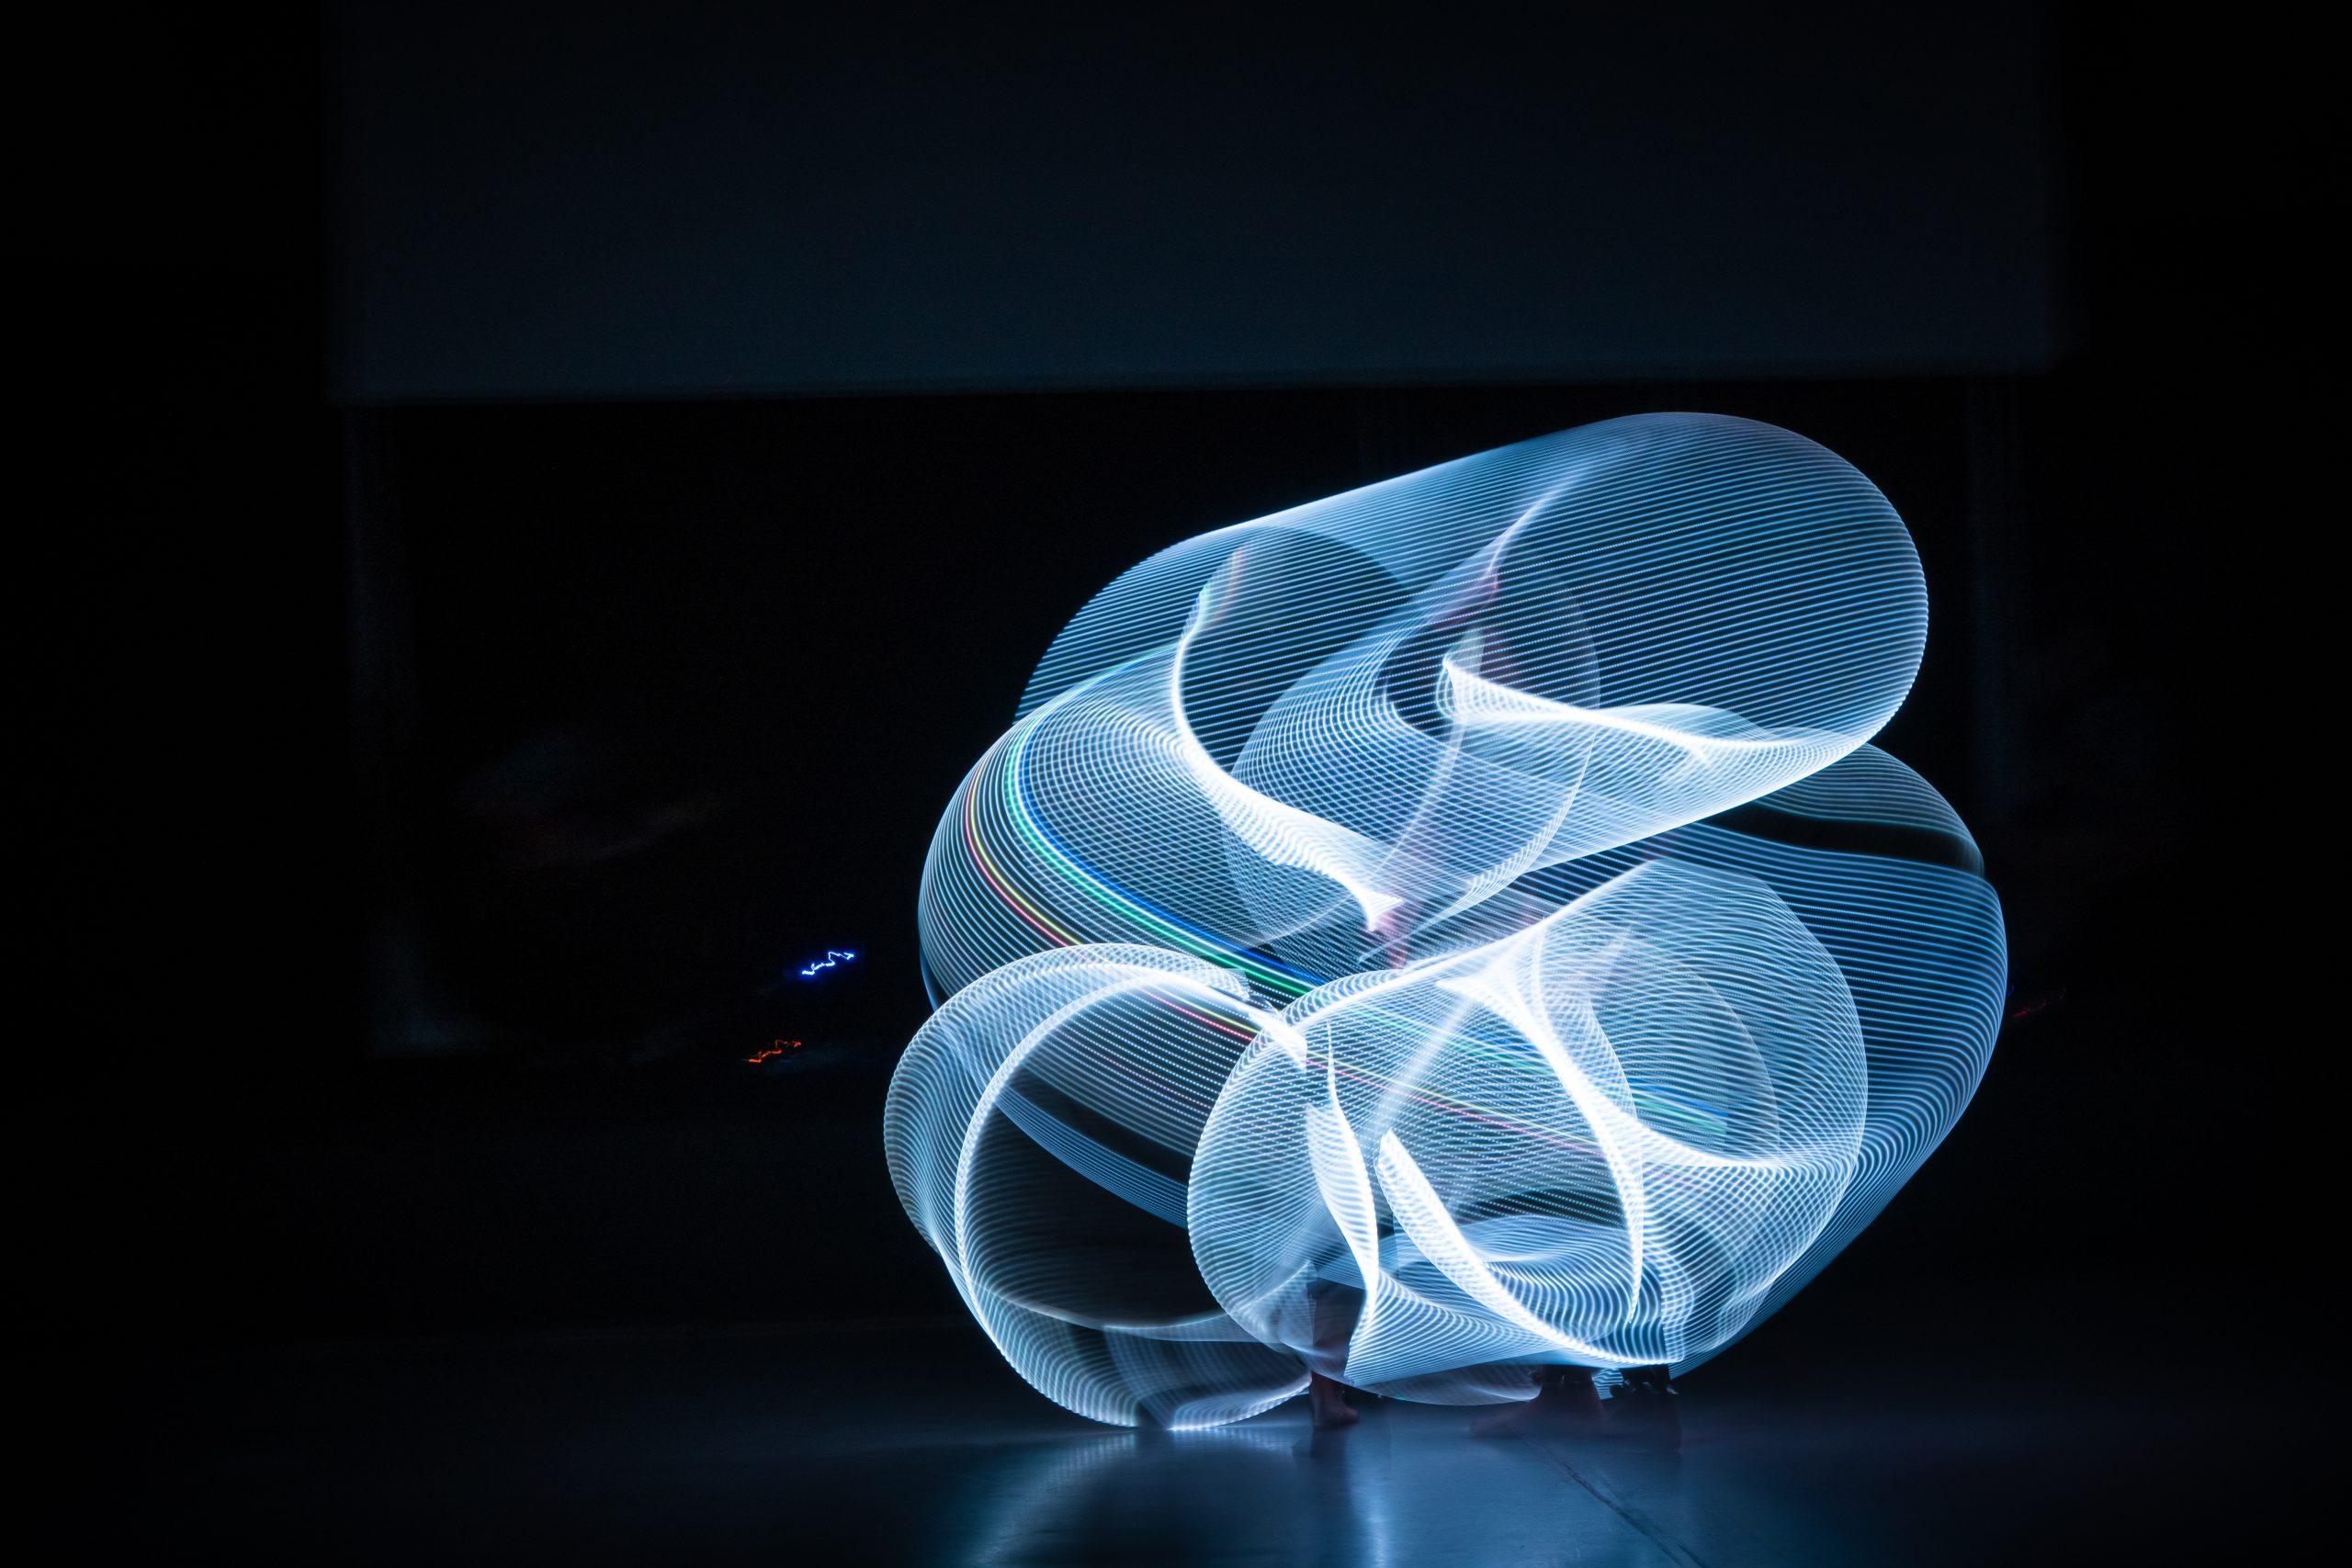 """Performance Concerto """"Espírito Continuum"""" 14 de setembro Conceção: Svenja Reinebeck, Kauê Gindri e Francisco Babo XX Bienal Internacional de Arte de Cerveira (2018)"""